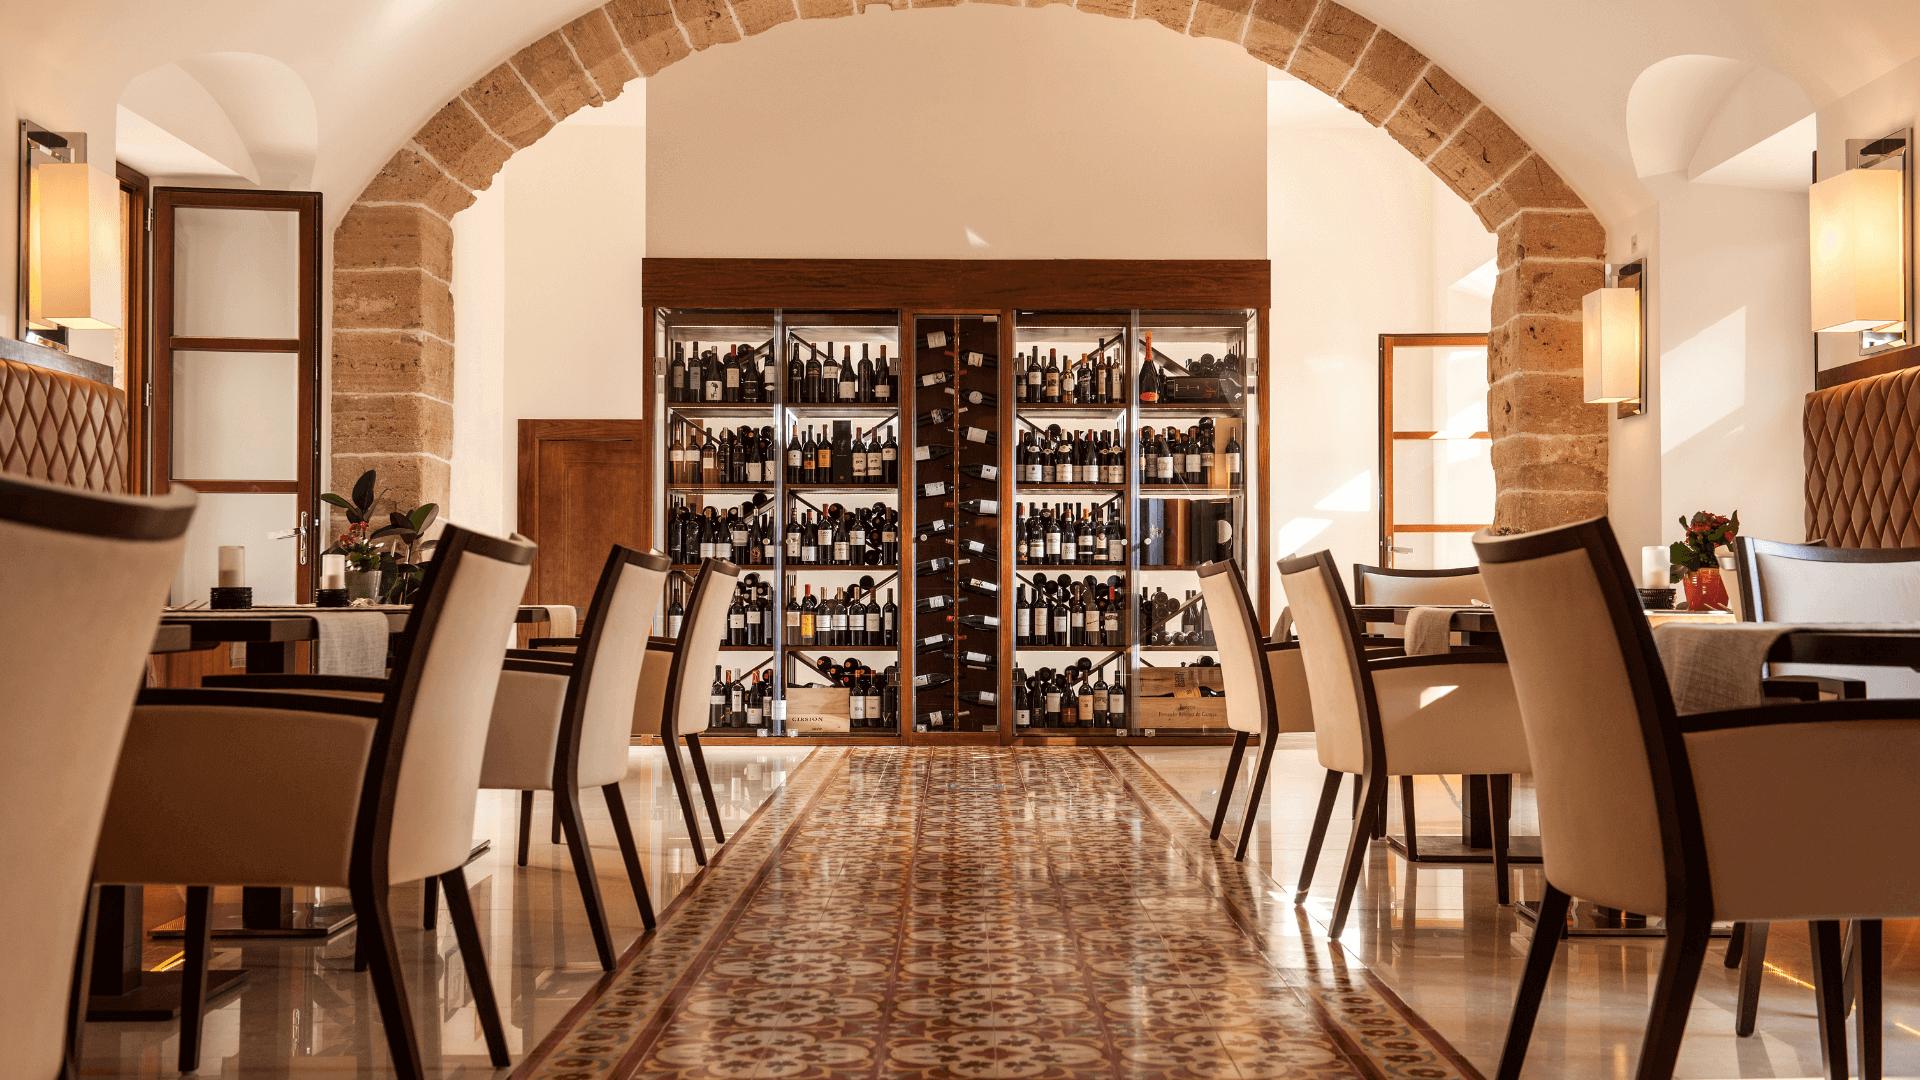 Hinter einem gemauerten Torbogens steht im Restaurant Olivera im Castell Son Claret ein großer, gefüllter Weinschrank